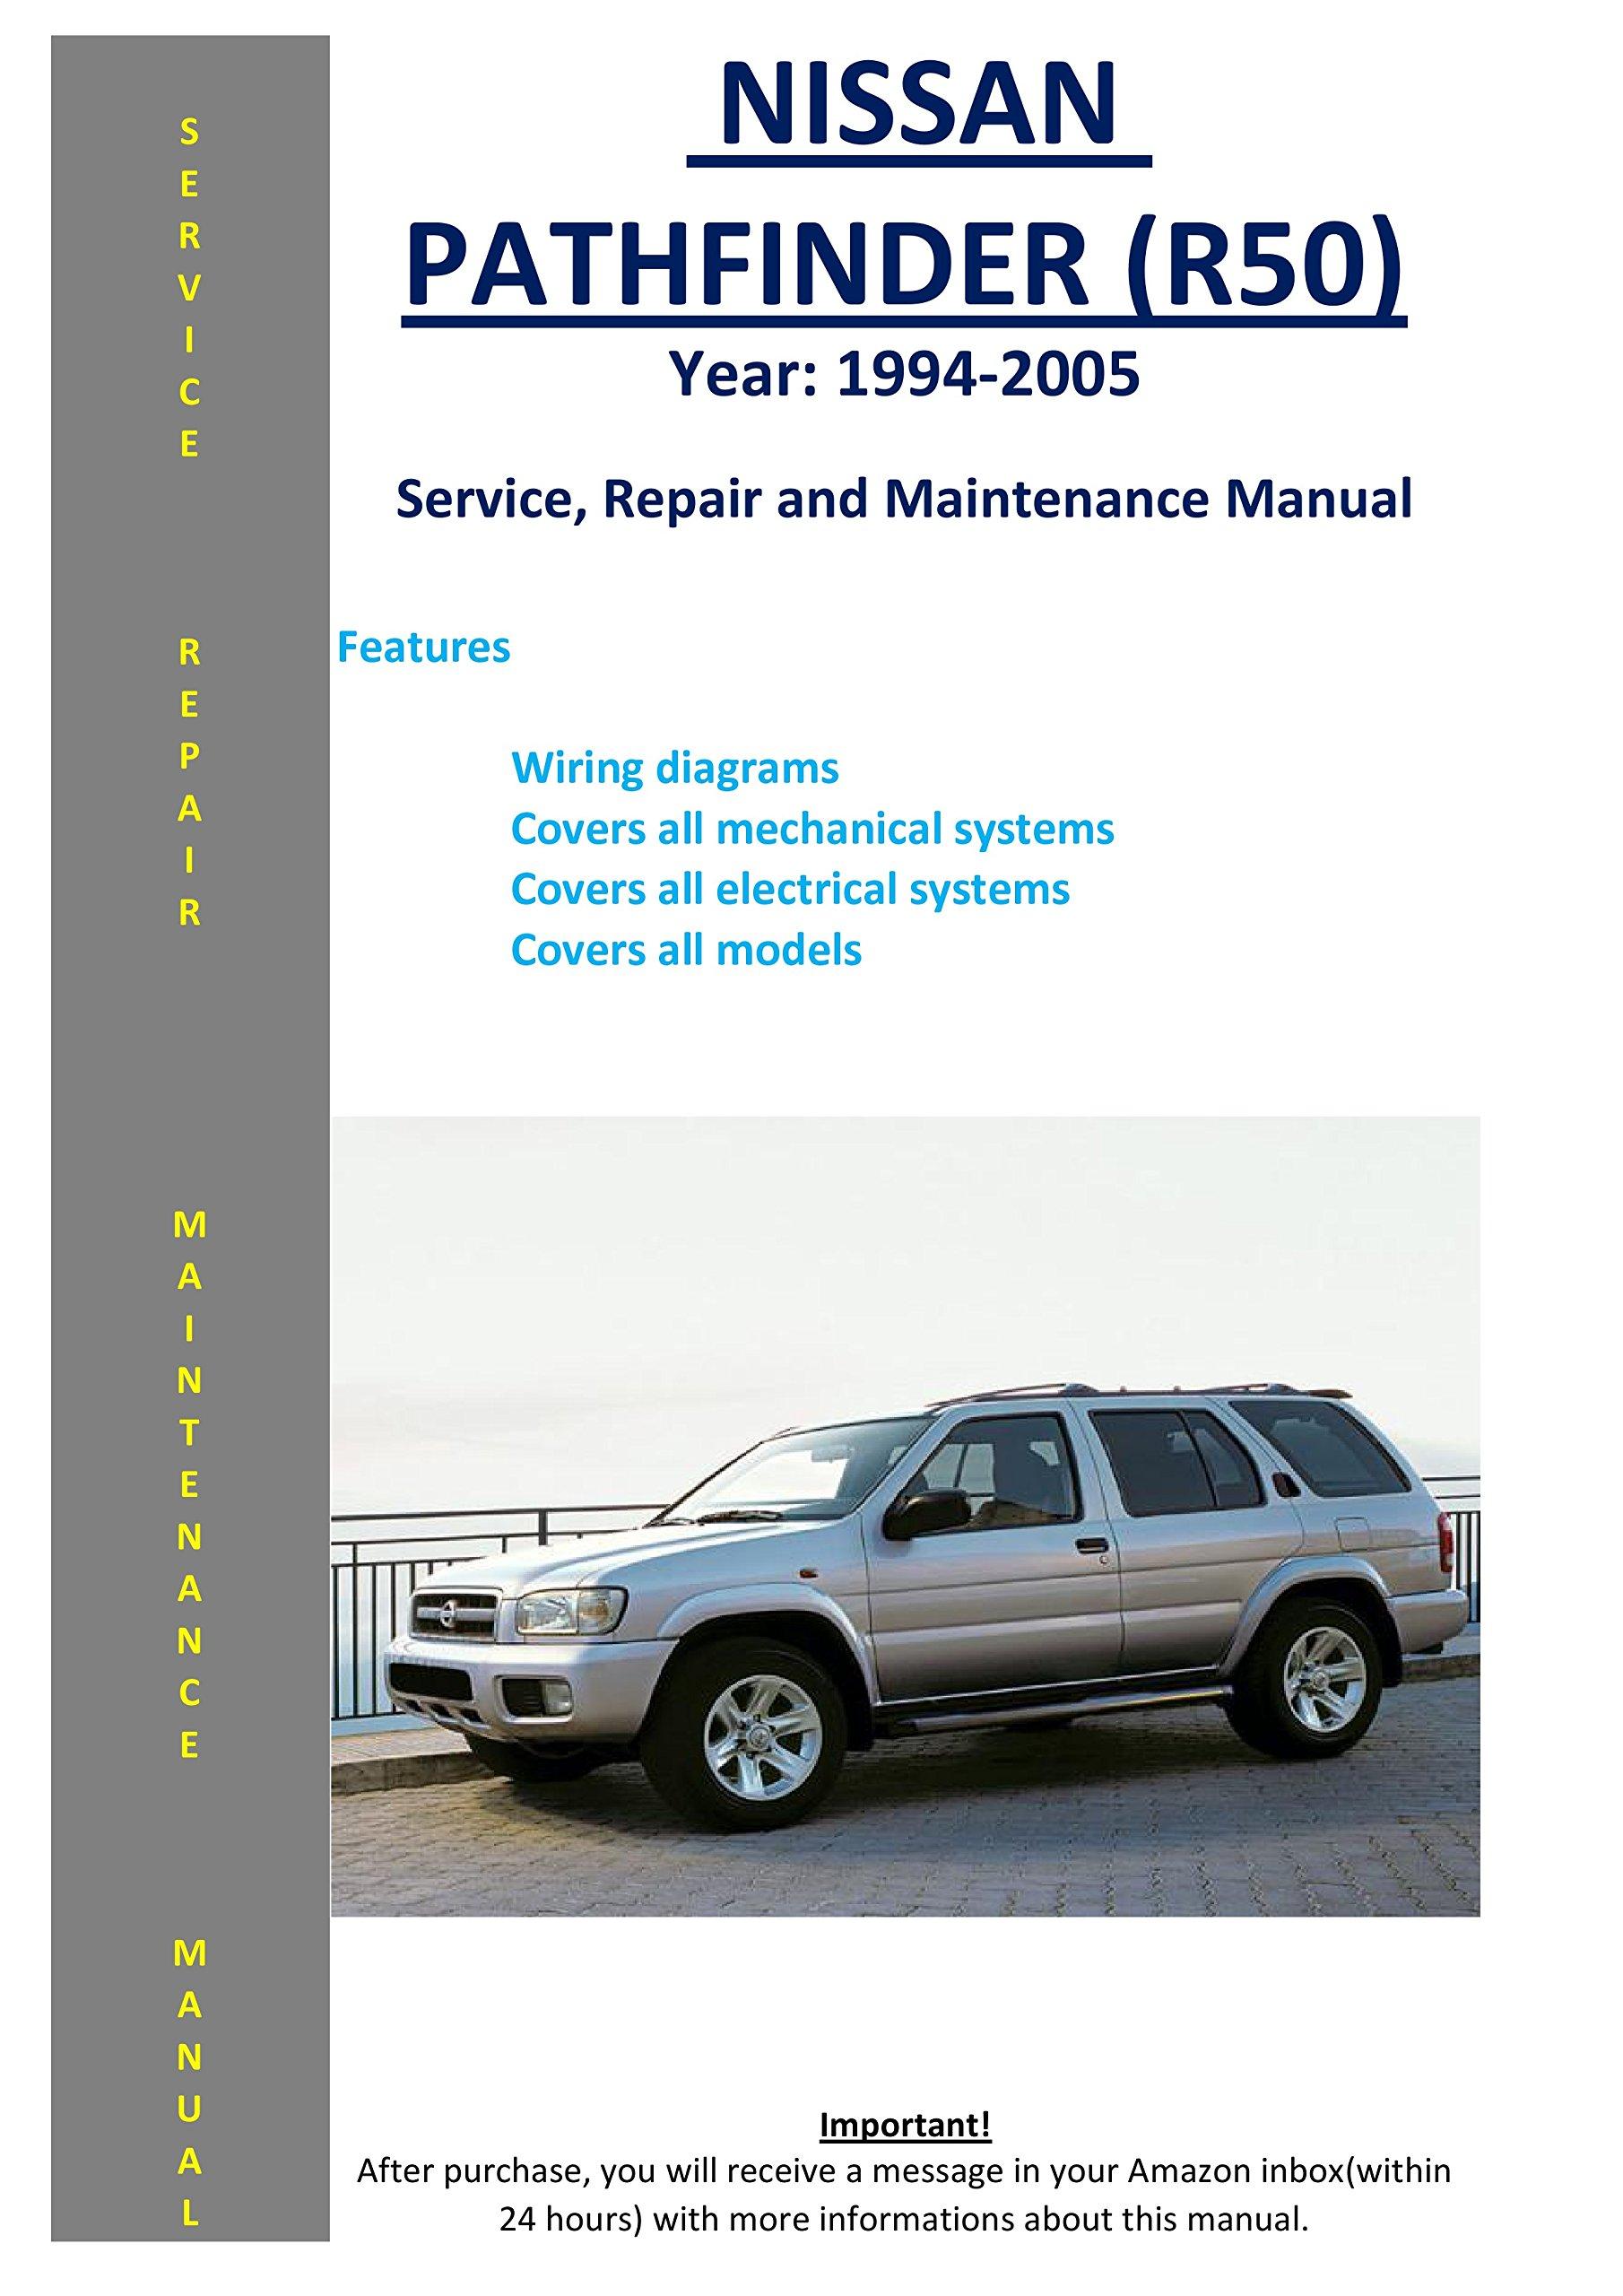 2008 nissan pathfinder wiring diagram nissan pathfinder r50 1994 2005 service repair workshop  nissan pathfinder r50 1994 2005